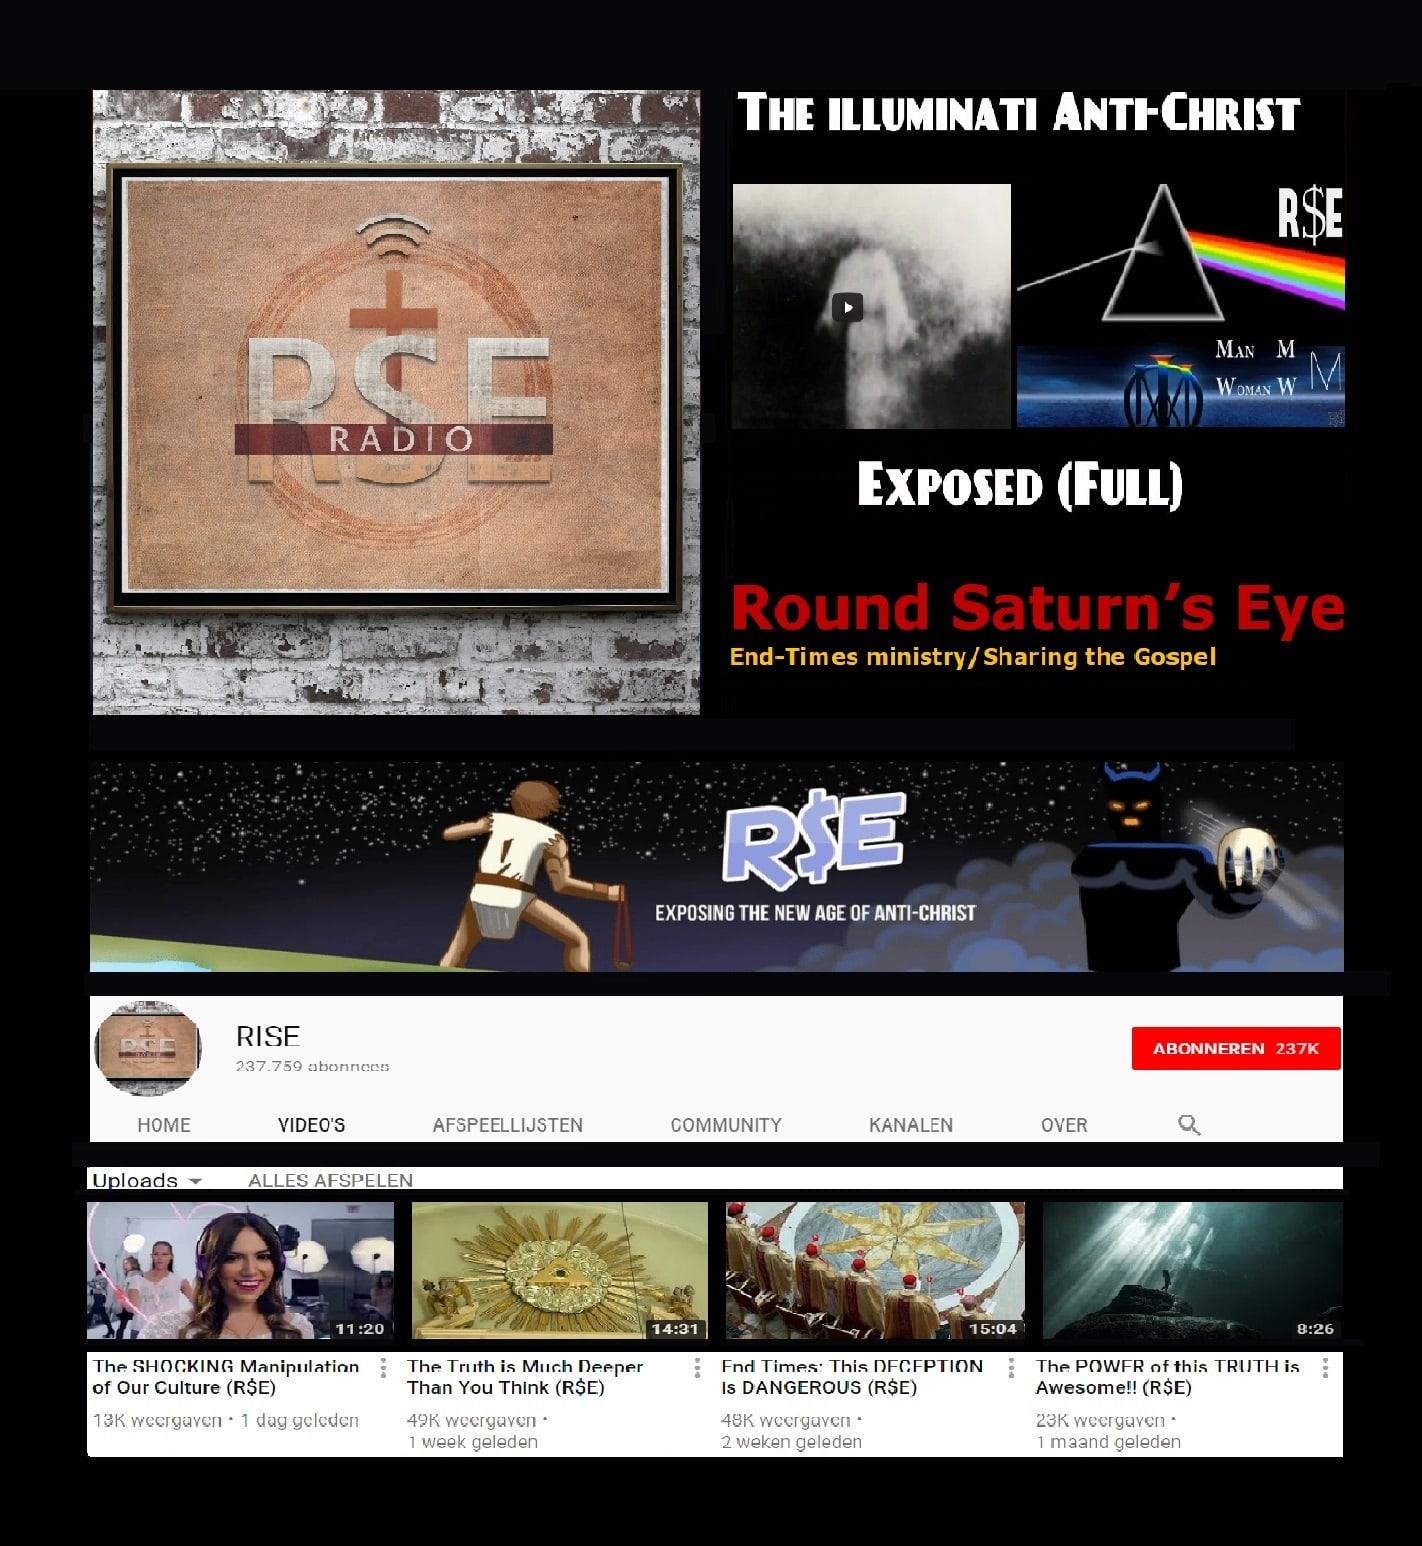 Round Saturn's Eye